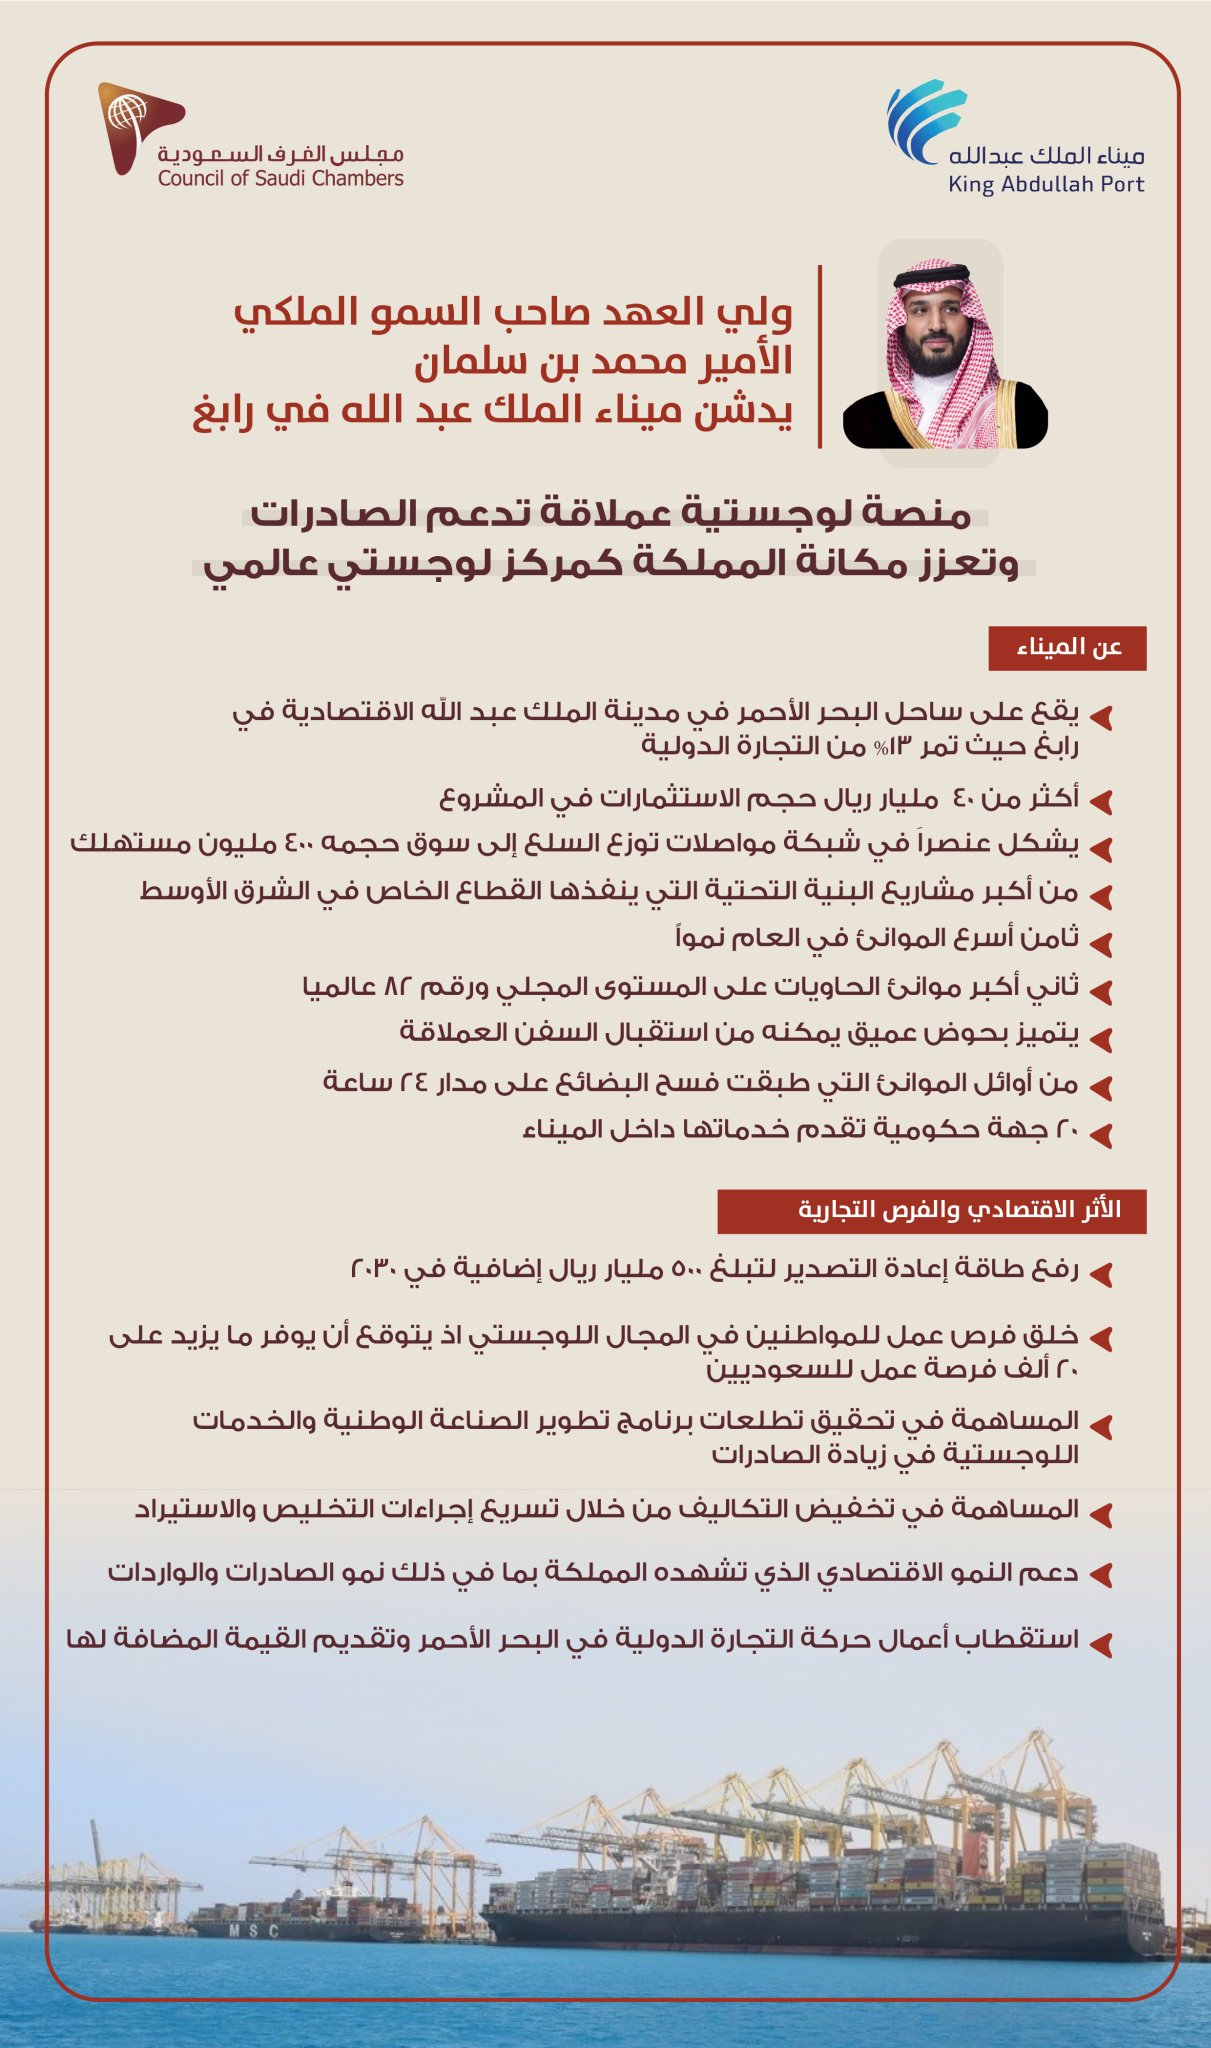 ولي العهد صاحب السمو الملكي الأمير محمد بن سلمان بن عبدالعزيز يدشن ميناء الملك عبدالله